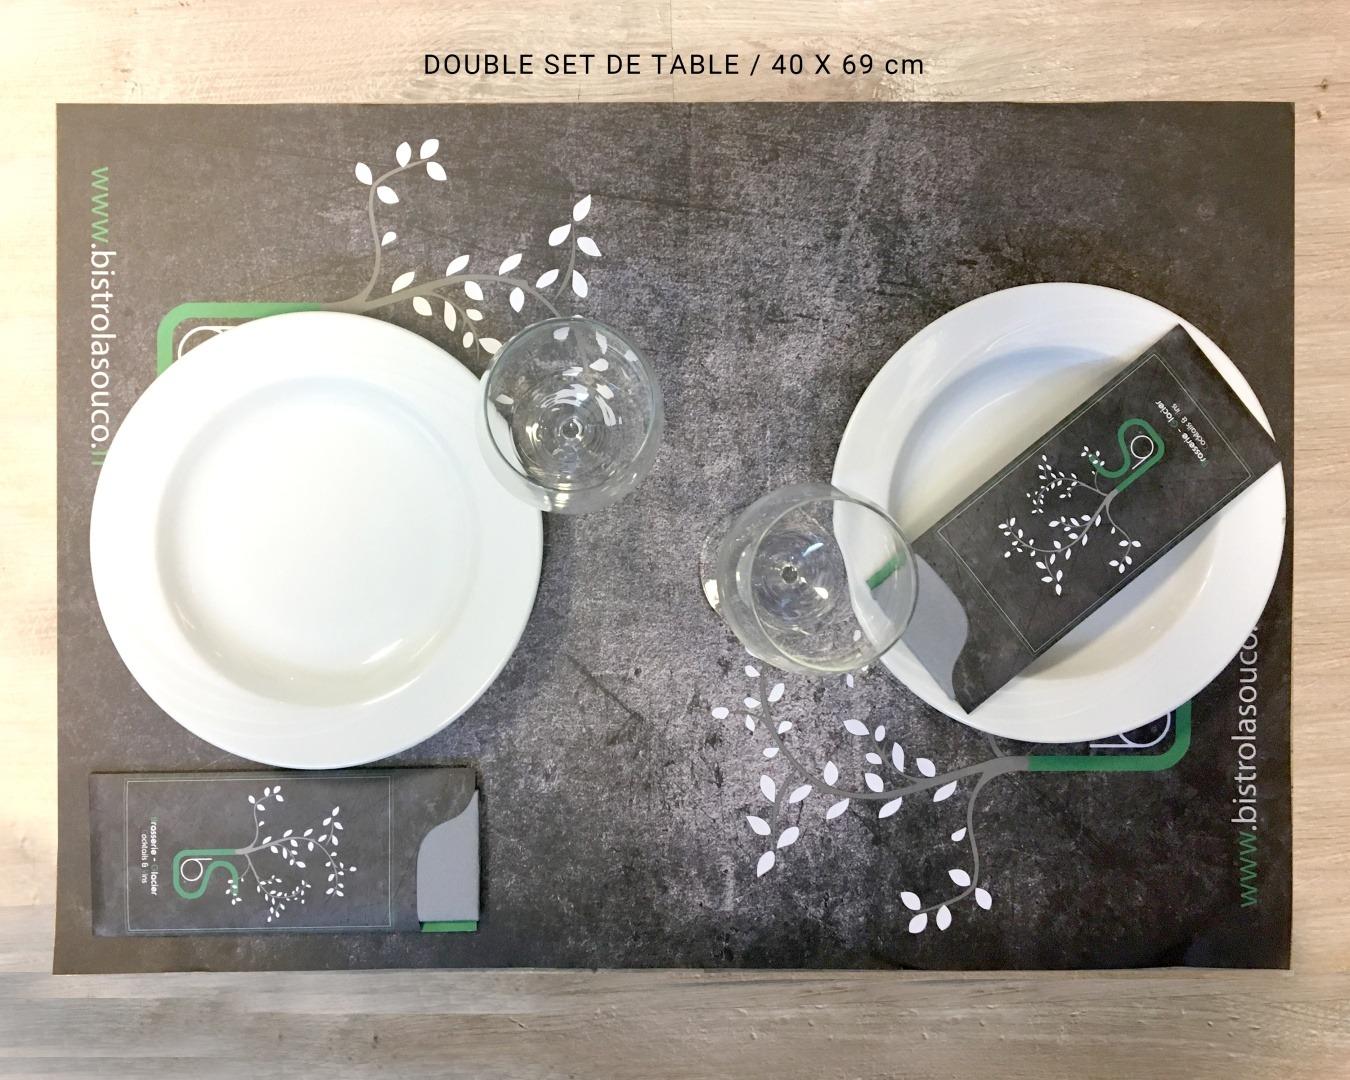 set de table a3 en papier jeter ou en plastique ind chirable impression num rique ou en. Black Bedroom Furniture Sets. Home Design Ideas